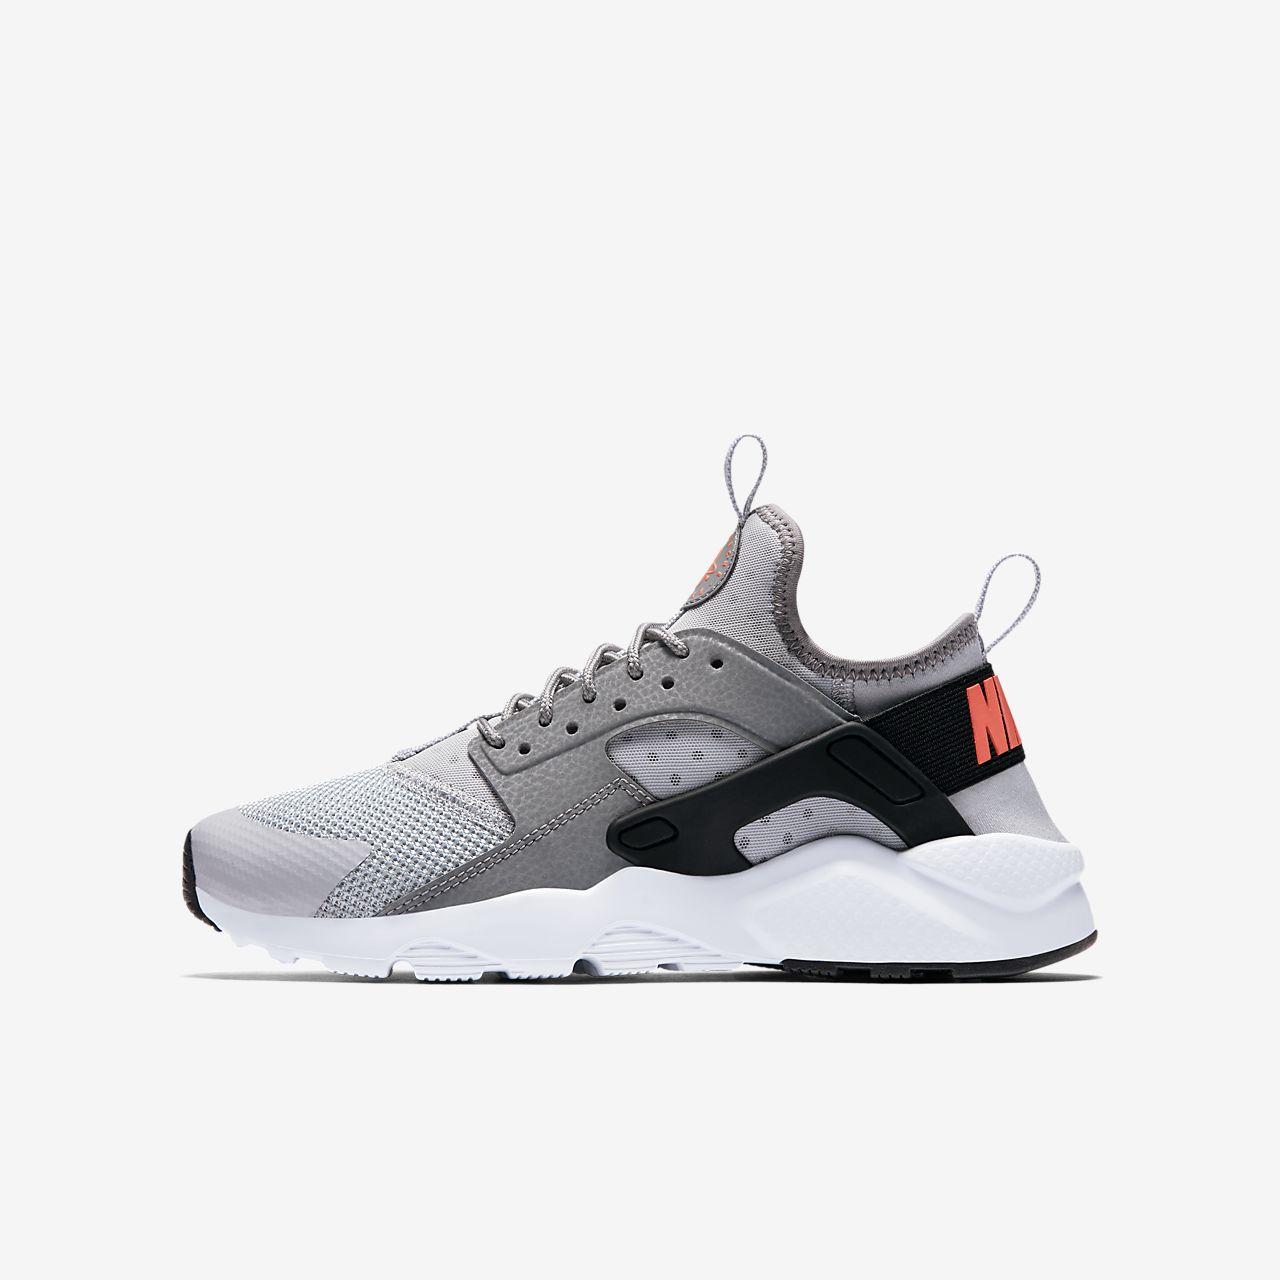 Chaussures Nike Air Huarache 36 bleues Casual enfant ZyiSi4B